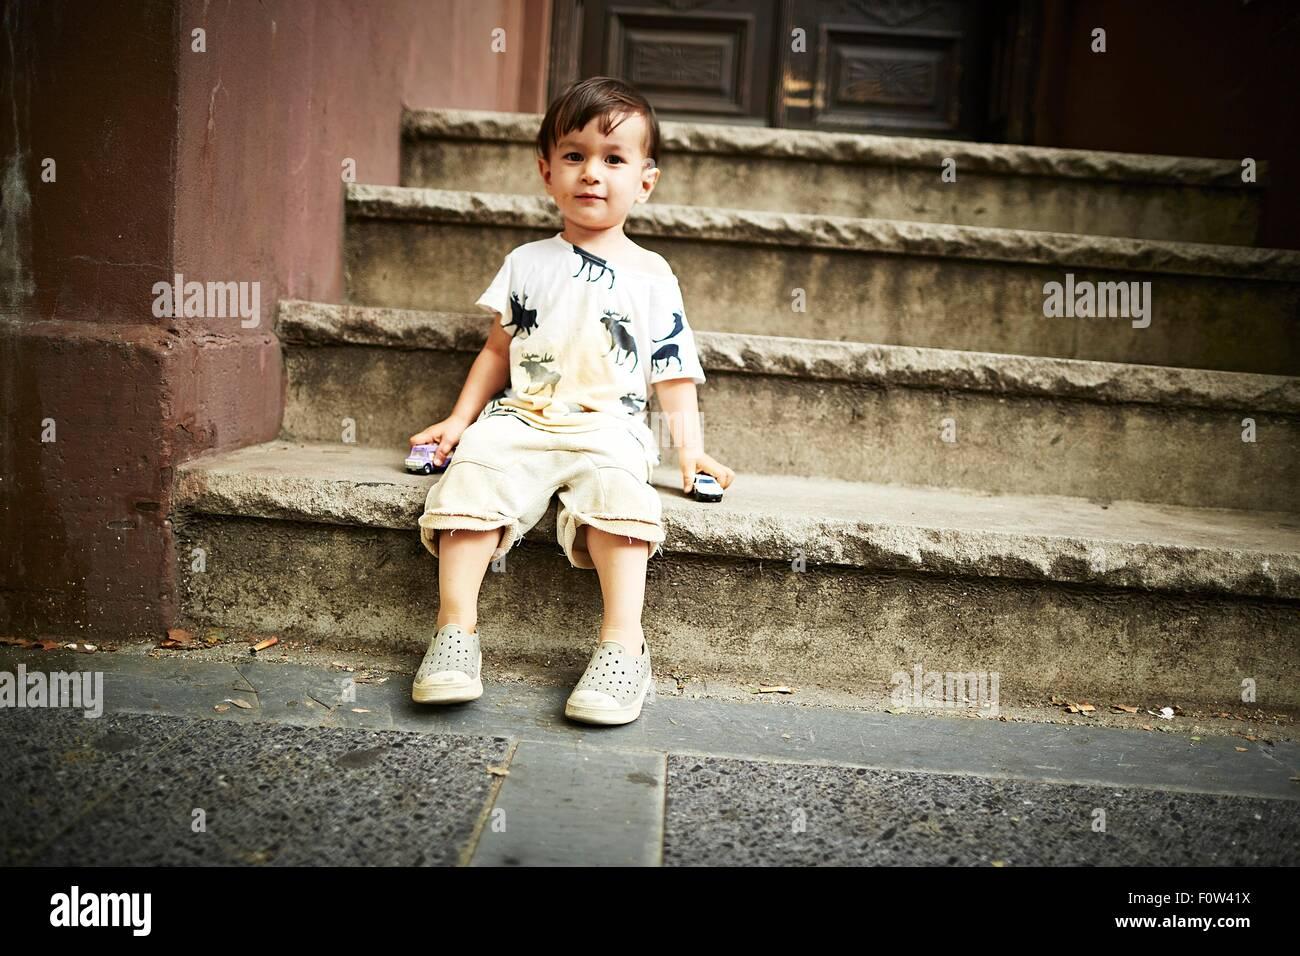 Ragazzo seduto sui gradini Immagini Stock